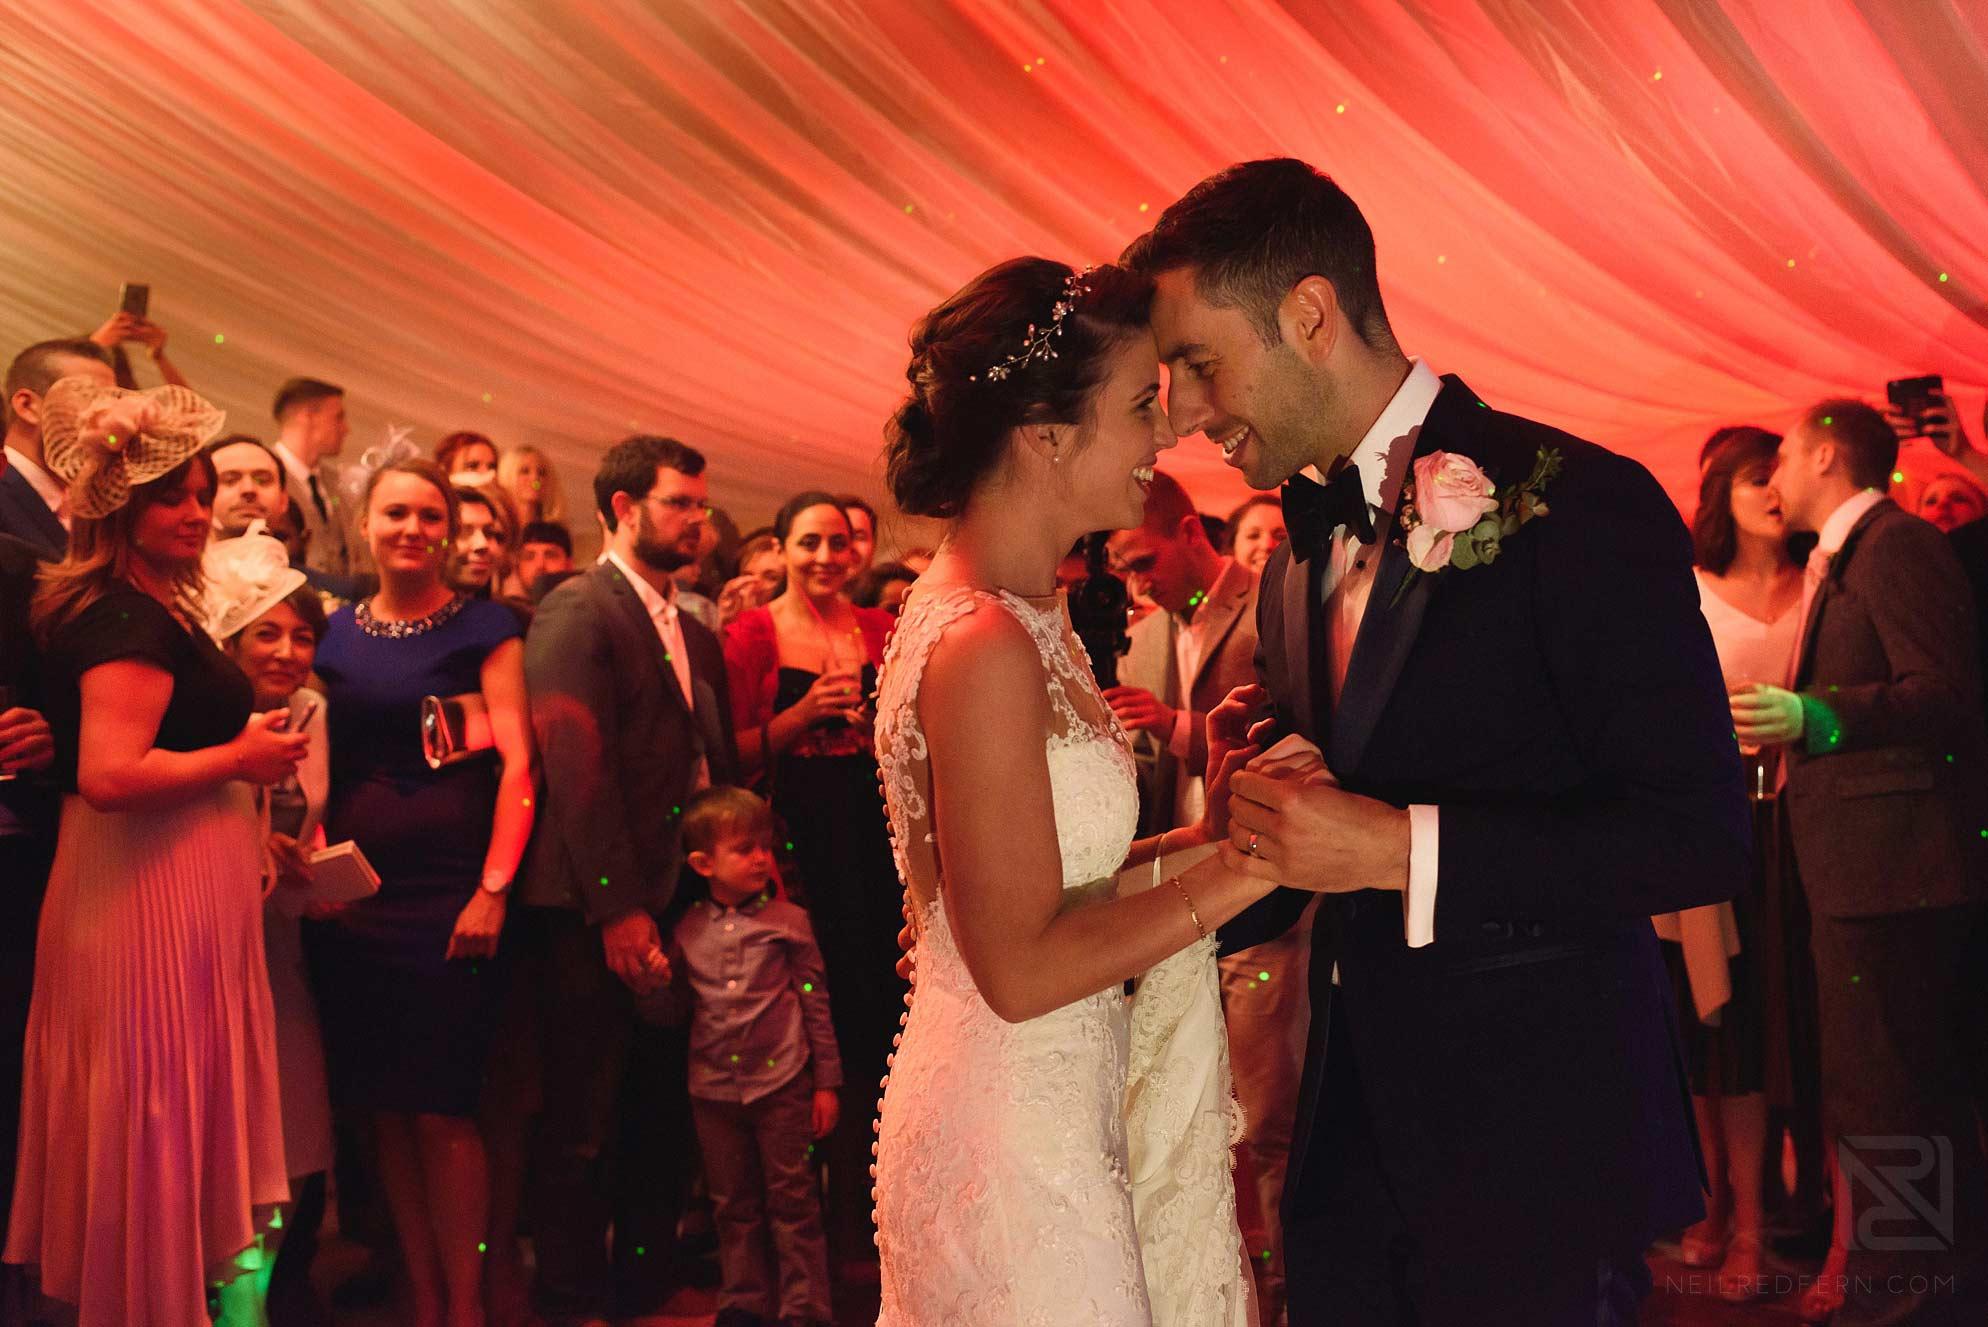 Nanteos-Mansion-wedding-photographs-53